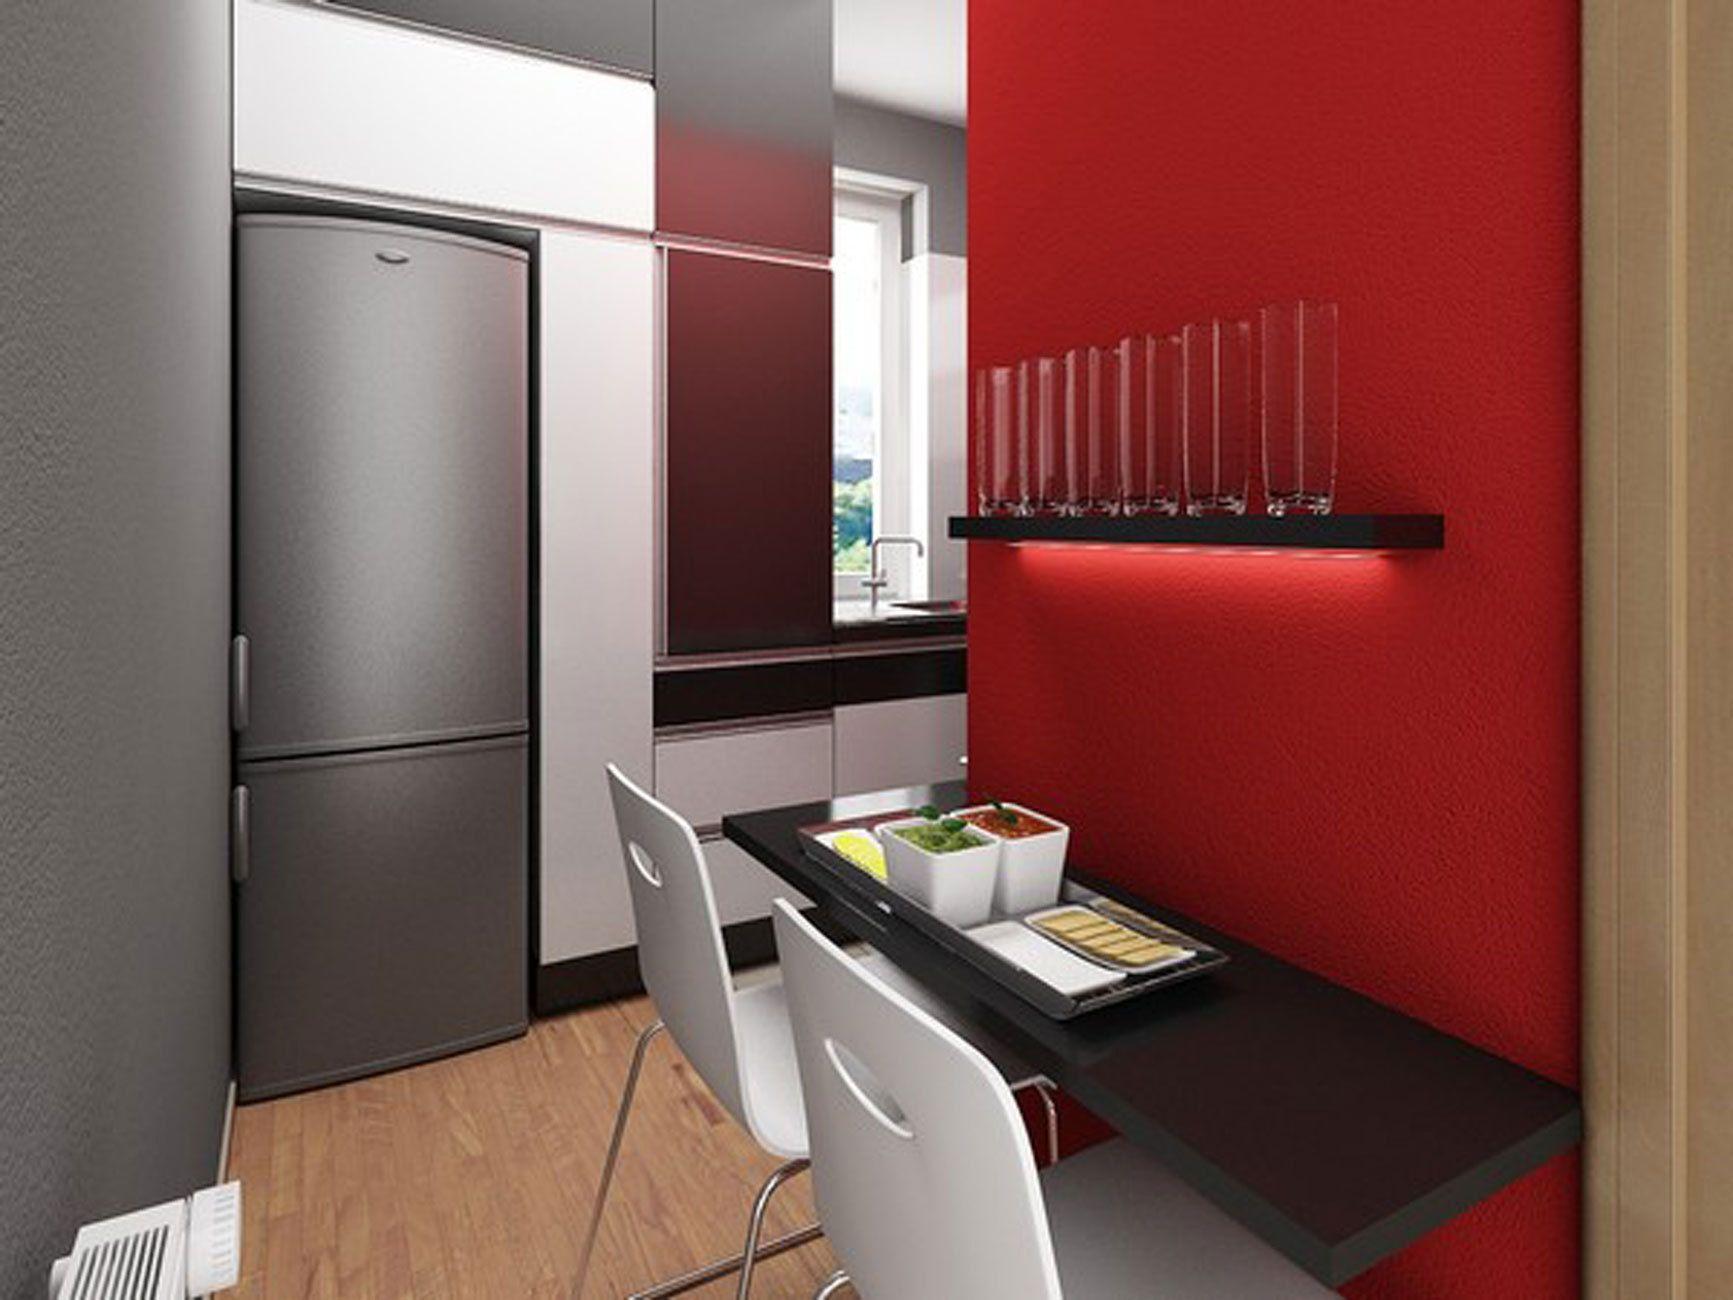 Smart Design Ideen Für Kleine Studio Apartments #Badezimmer #Büromöbel # Couchtisch #Deko Ideen